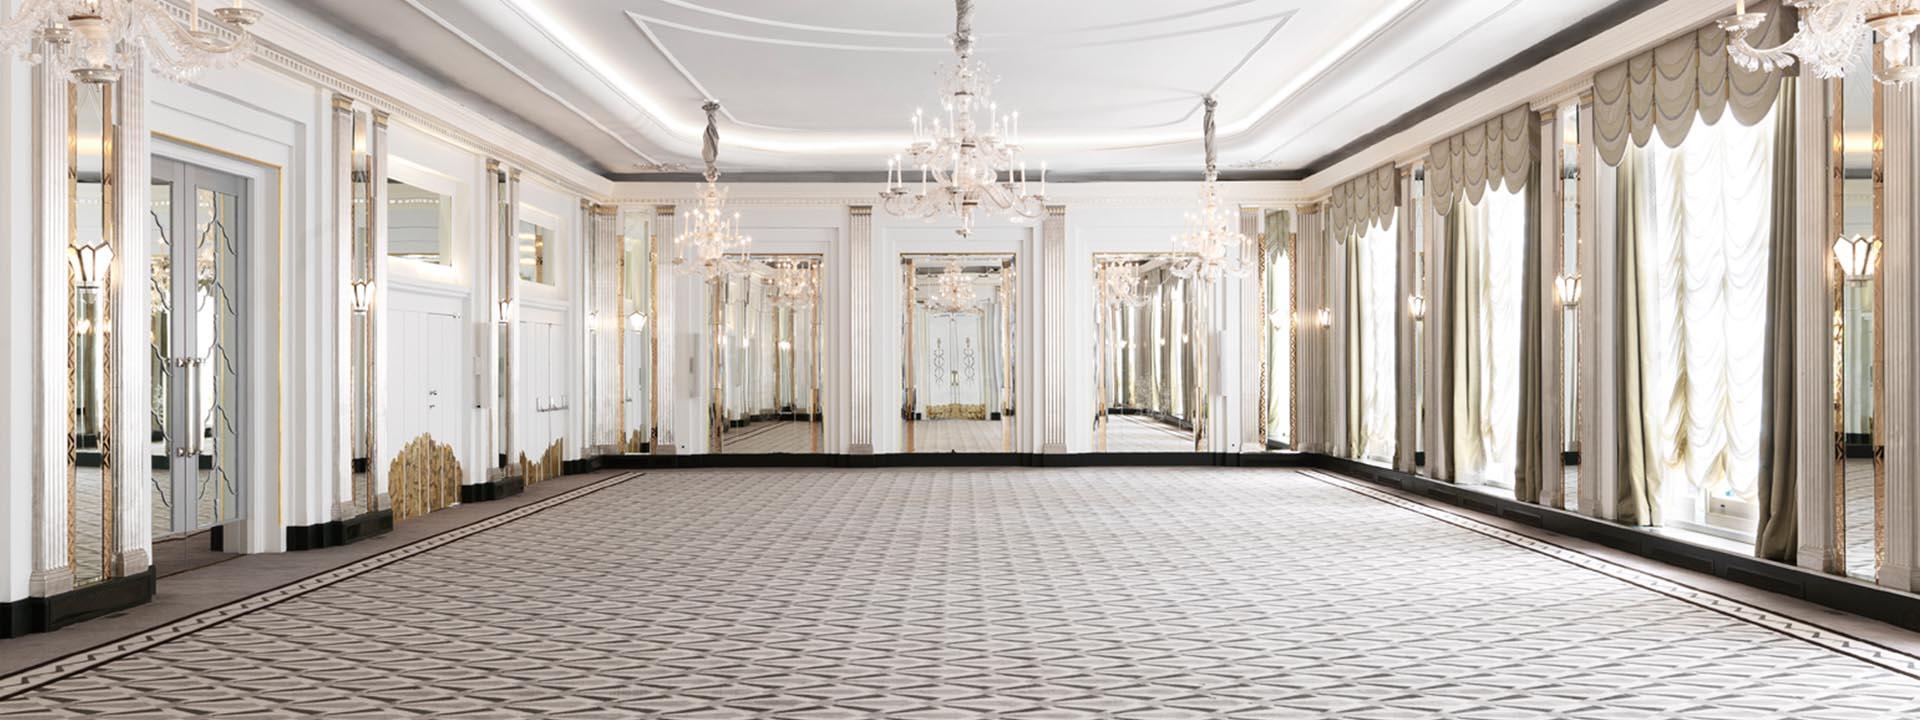 Open plan ballroom at Claridge's